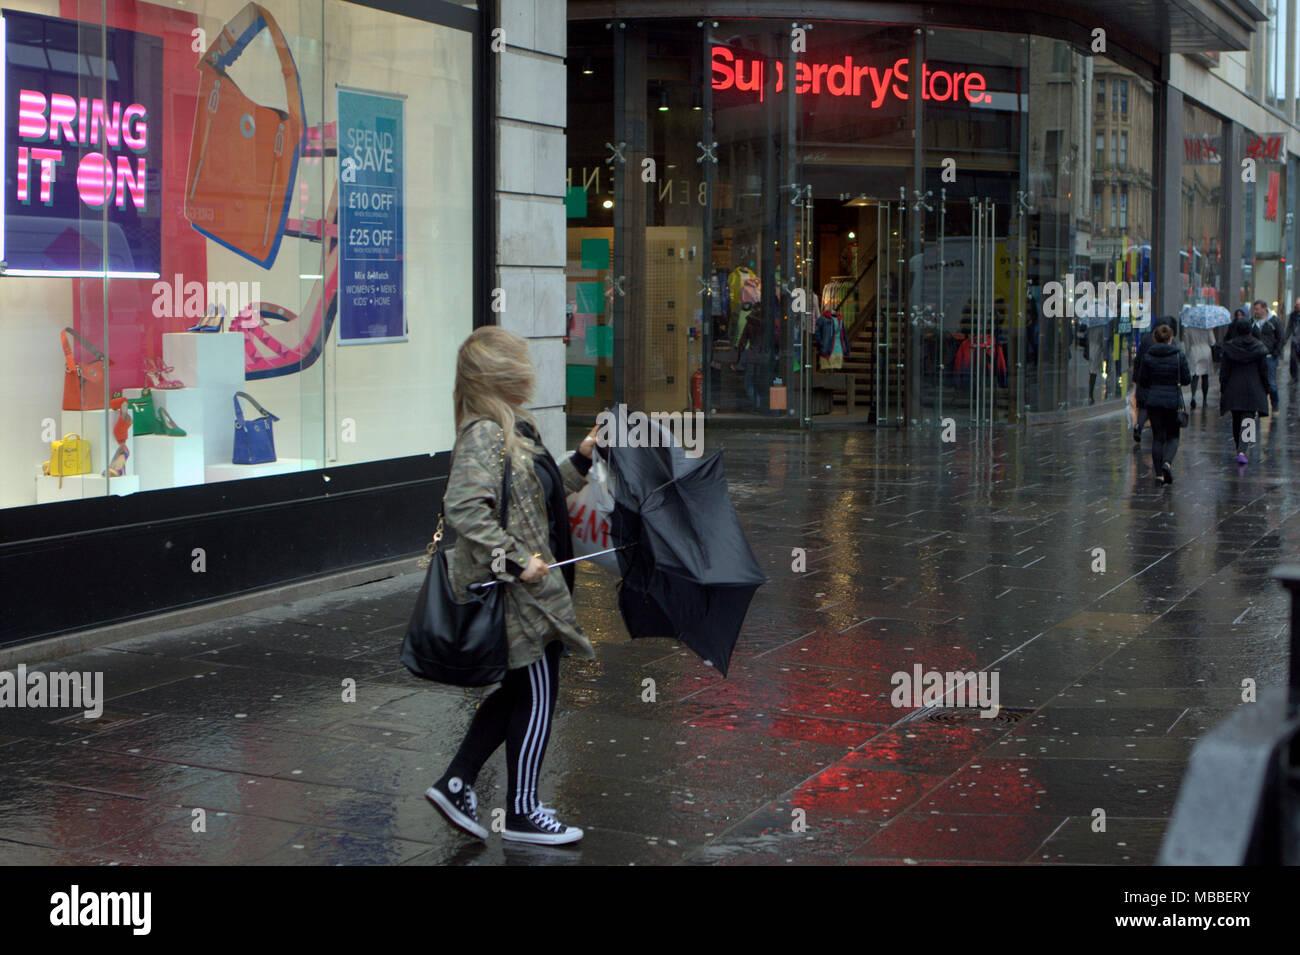 blown out umbrella stock photos  u0026 blown out umbrella stock